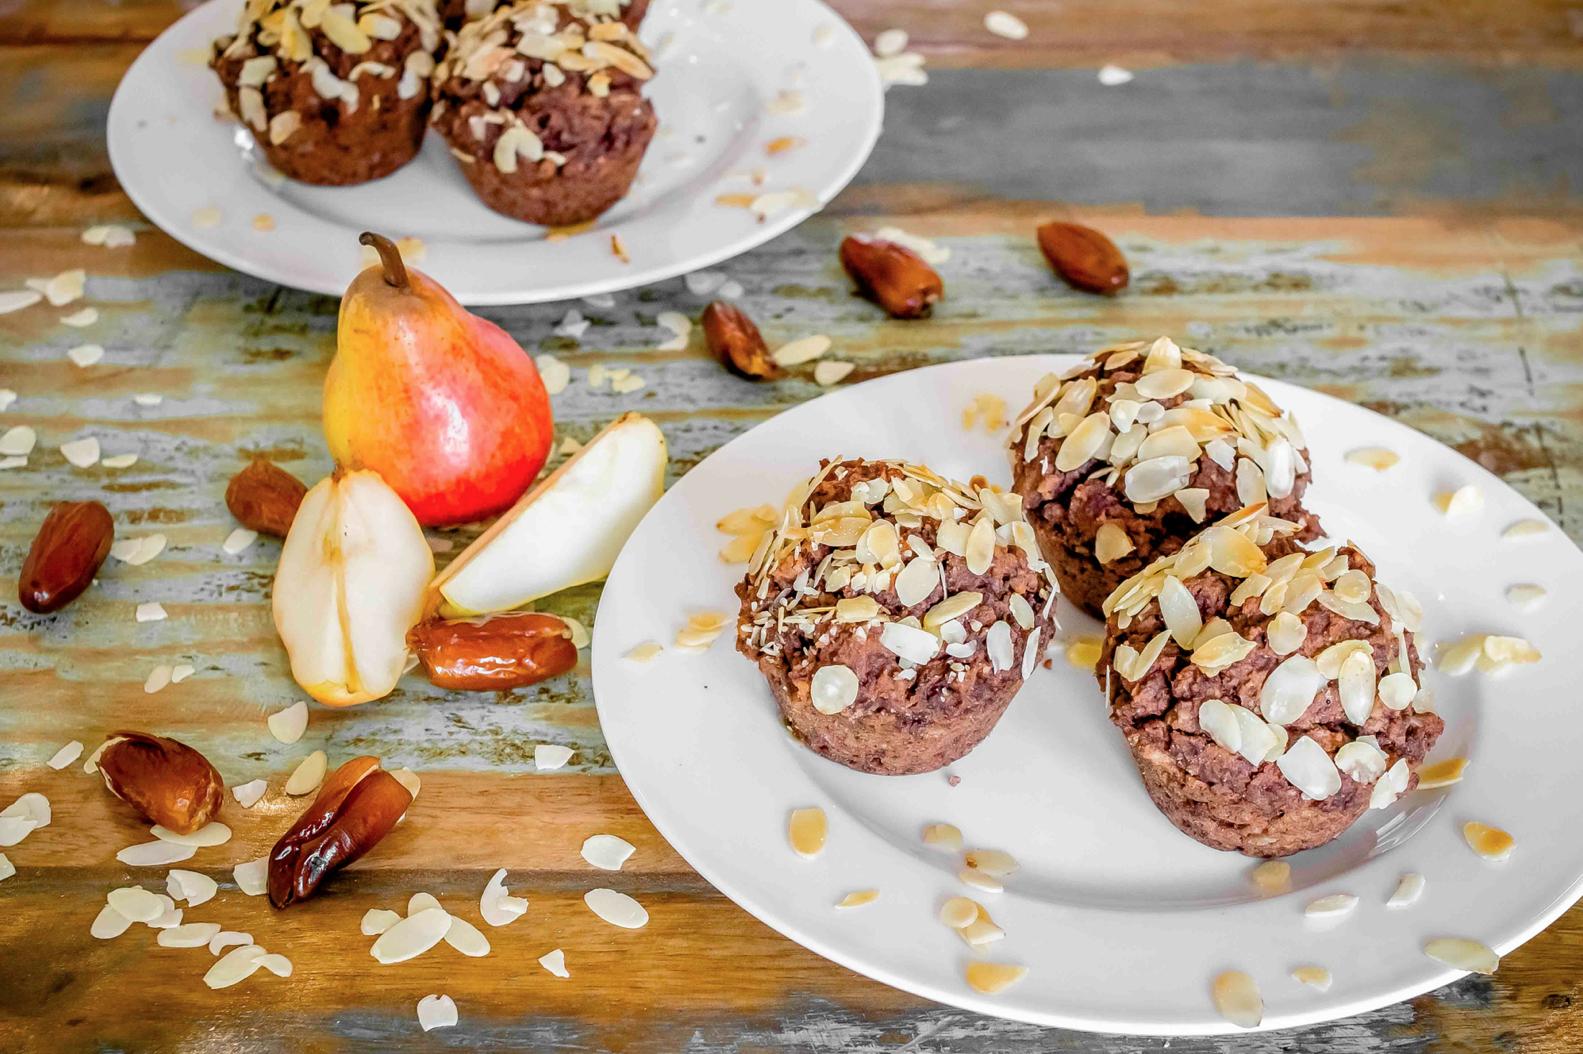 Muffins mit Dateln Birnen und Mandelsplittern